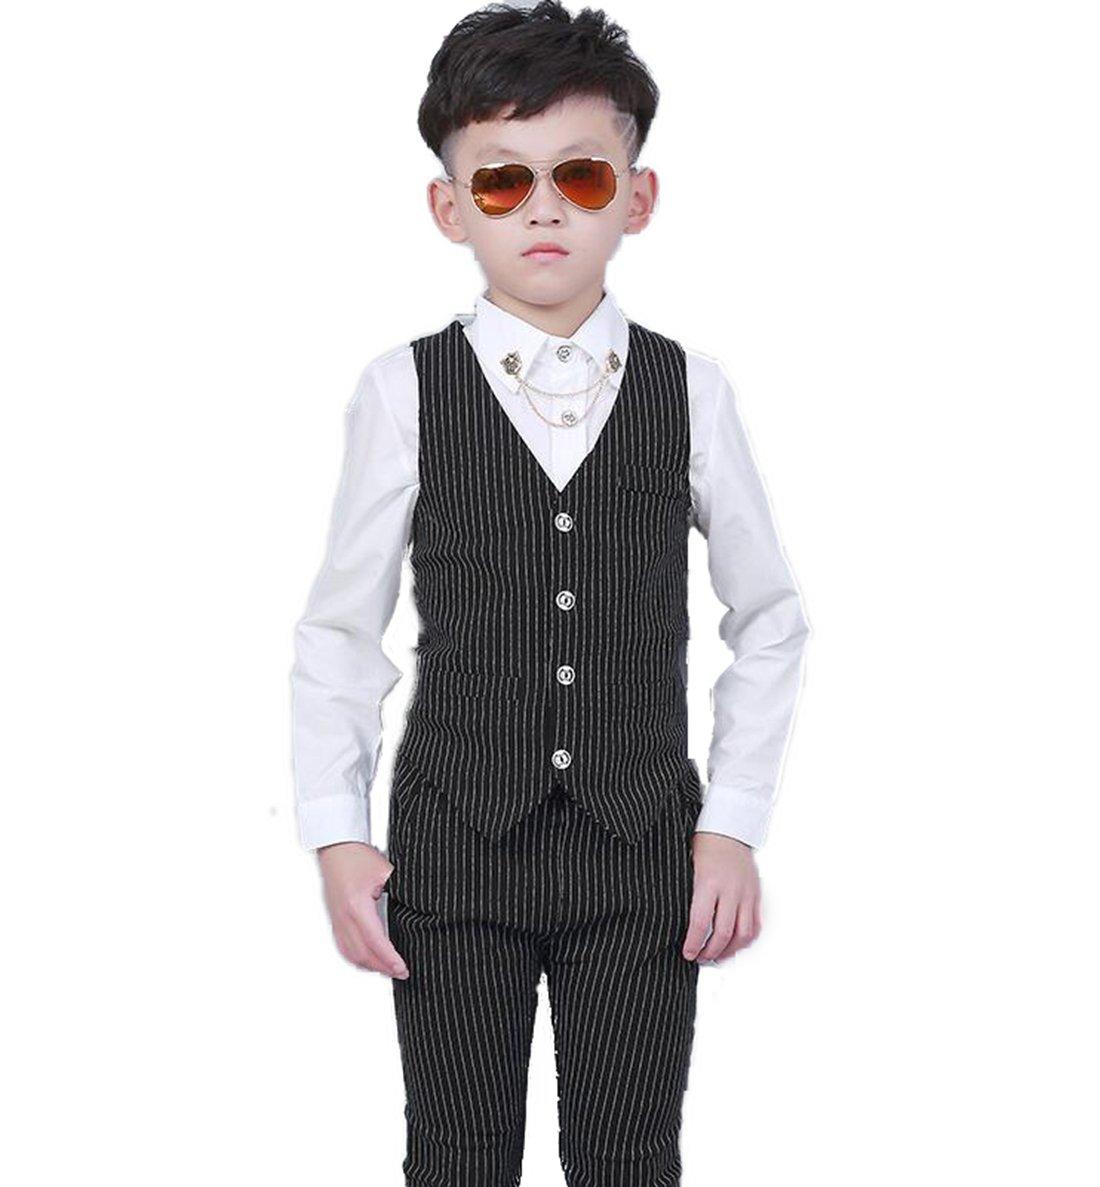 Gele Boy 2 Pieces Fashion Casual Suit,Vest+Pants (4T, Black)